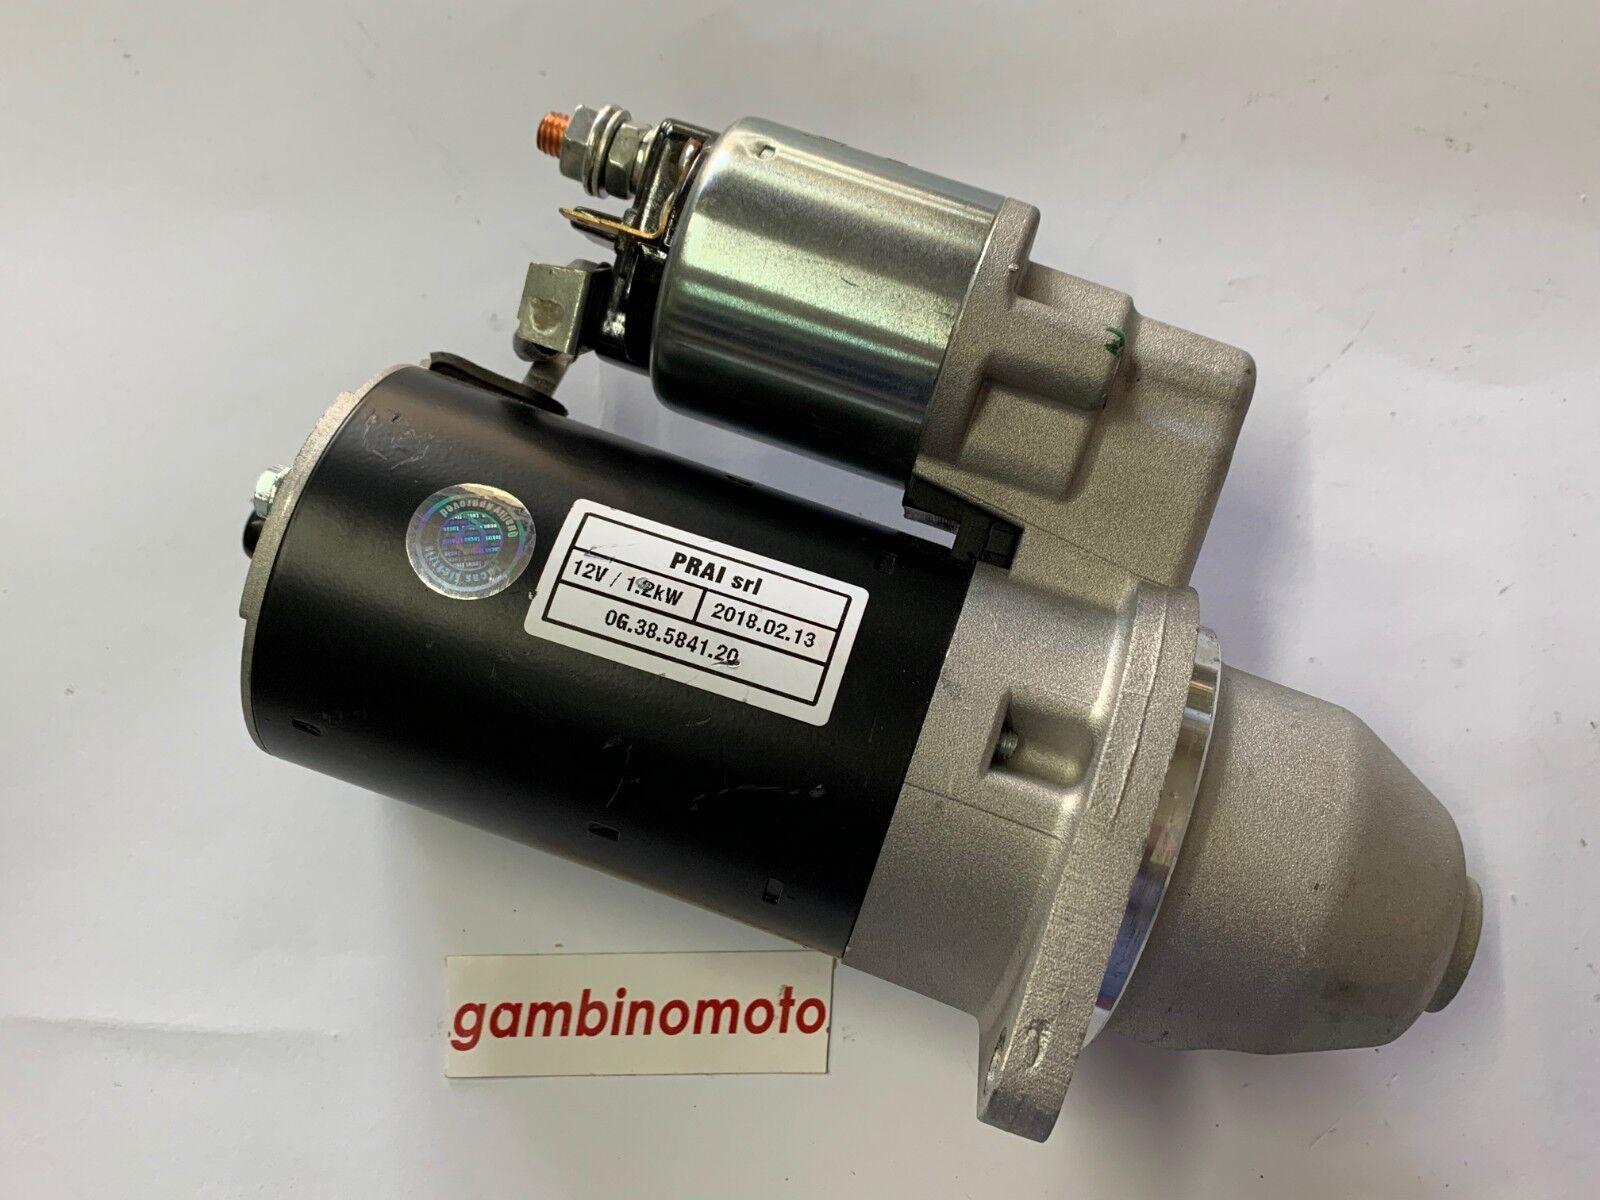 MOTORINO AVVIAMENTO ELETTRICO LOMBARDINI 6LD - 3LD - RF80 9 DENTI 1,2 Kw-12V